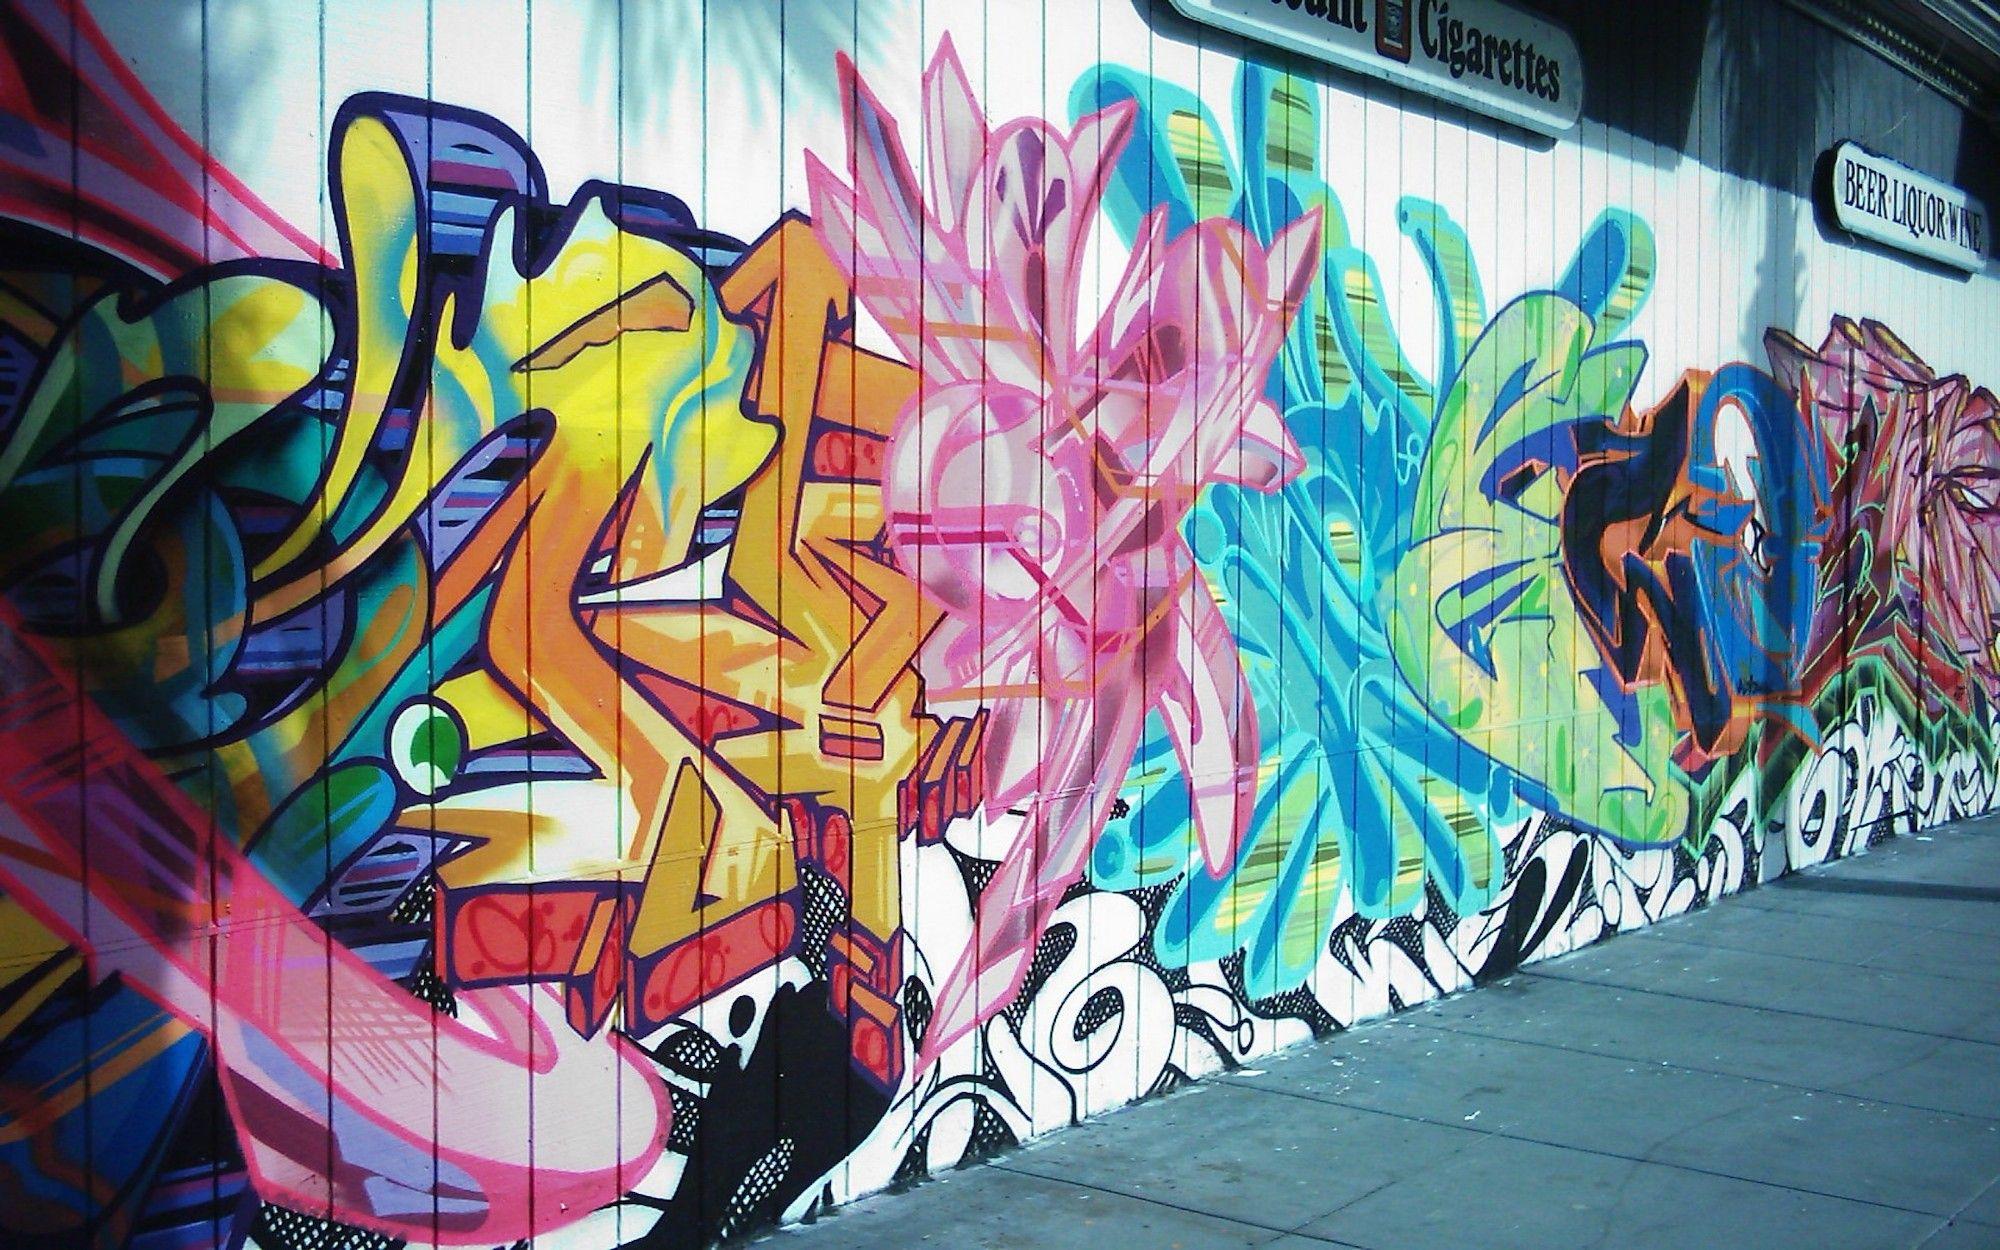 Graffiti_cover Graffiti wallpaper, Street graffiti